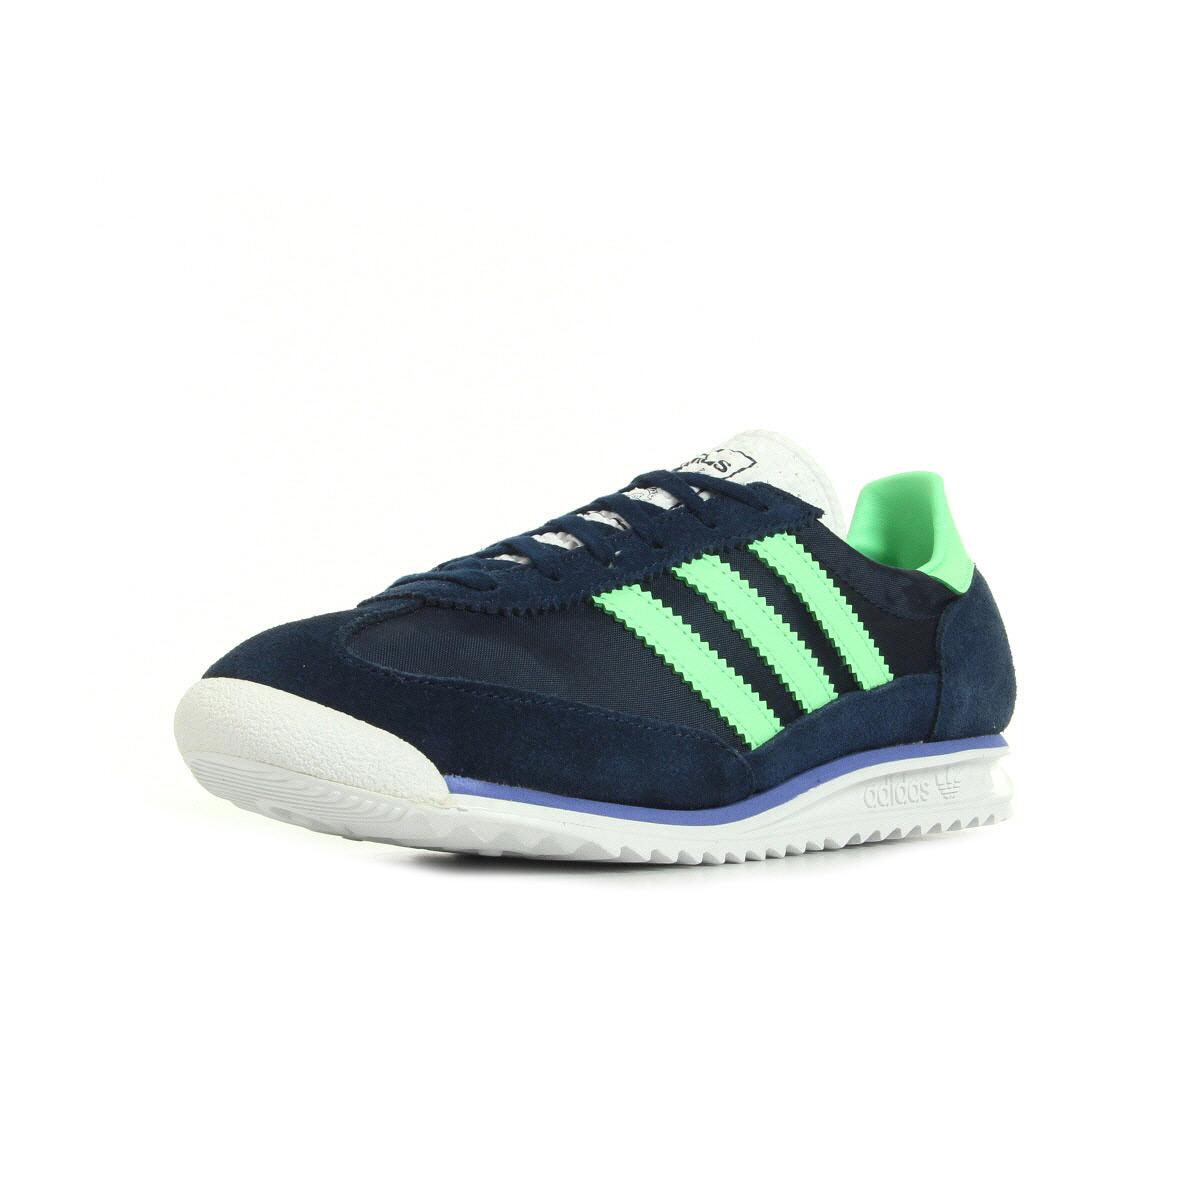 Chaussures Adidas SL 72 bleu marine Fashion femme SZMC8lJ